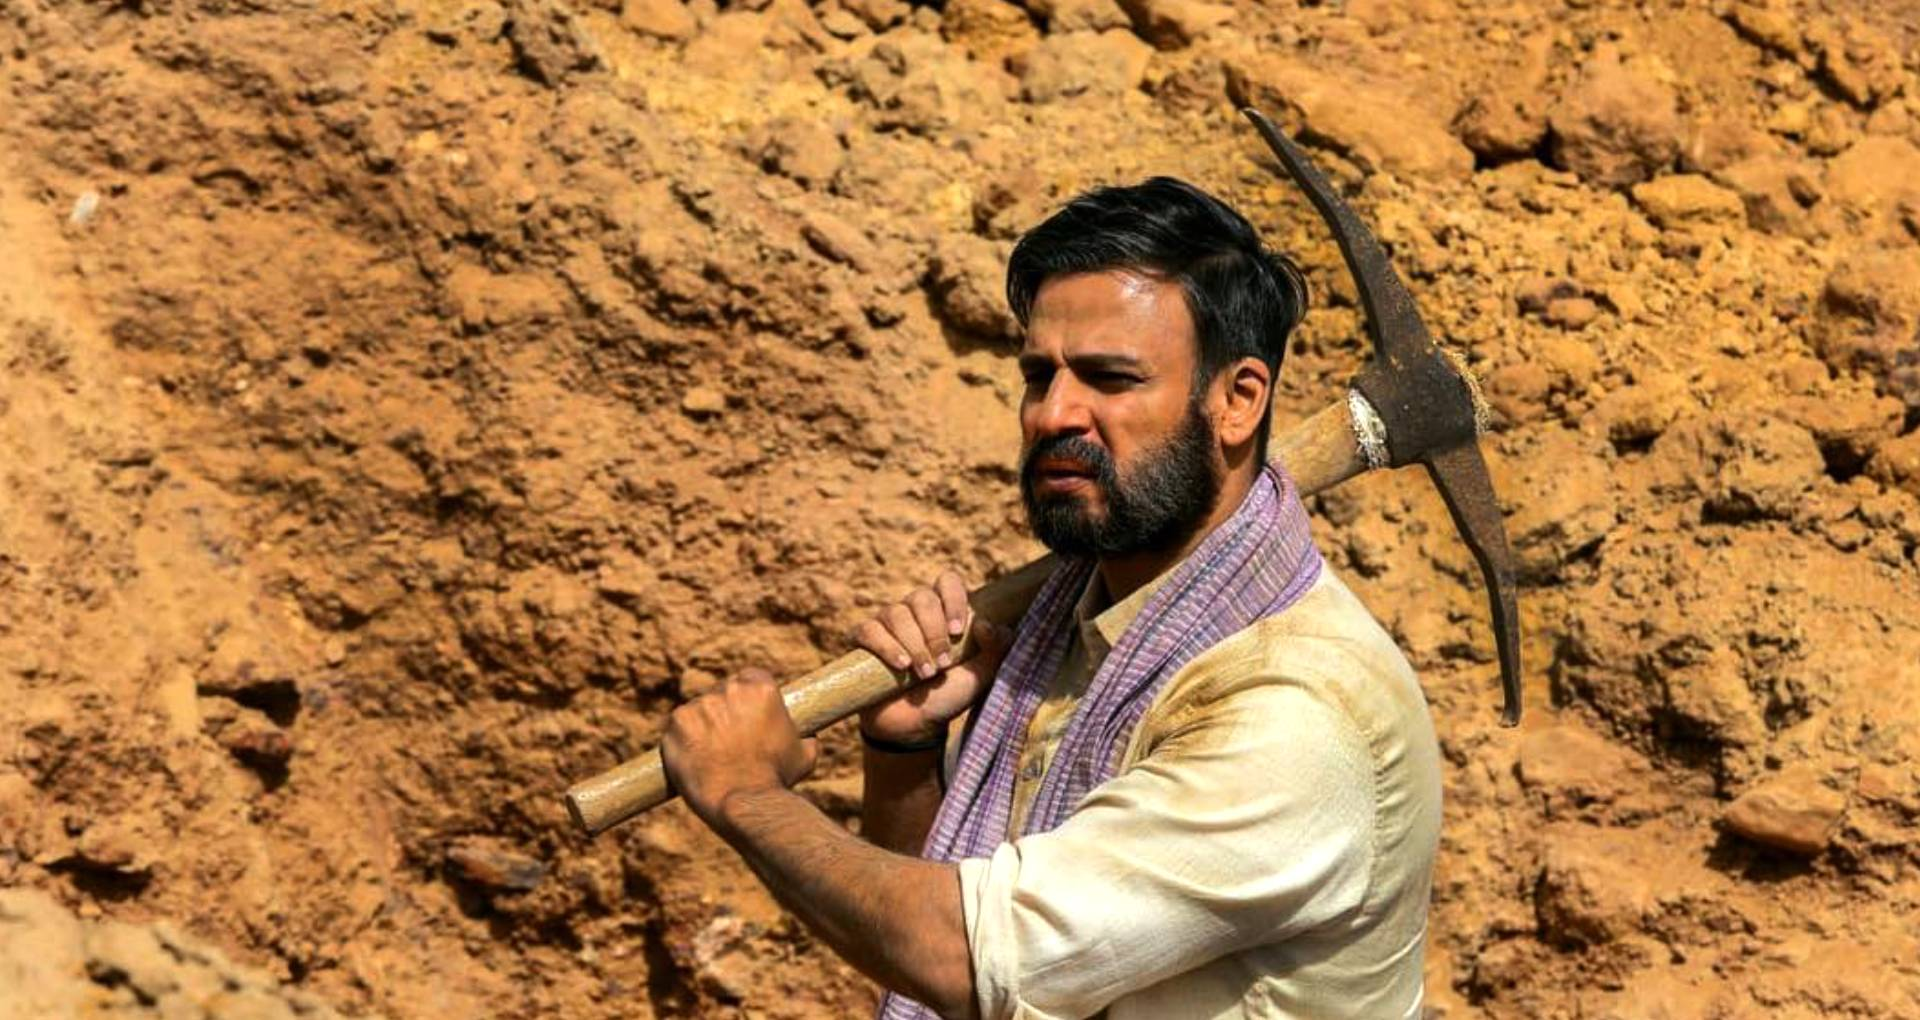 एक्सक्लूसिवः 'पीएम नरेंद्र मोदी' के विवादों से अंजान थे डायरेक्टर, कहा- विपक्ष ने मेरे कंधे से चलाई गोलियां